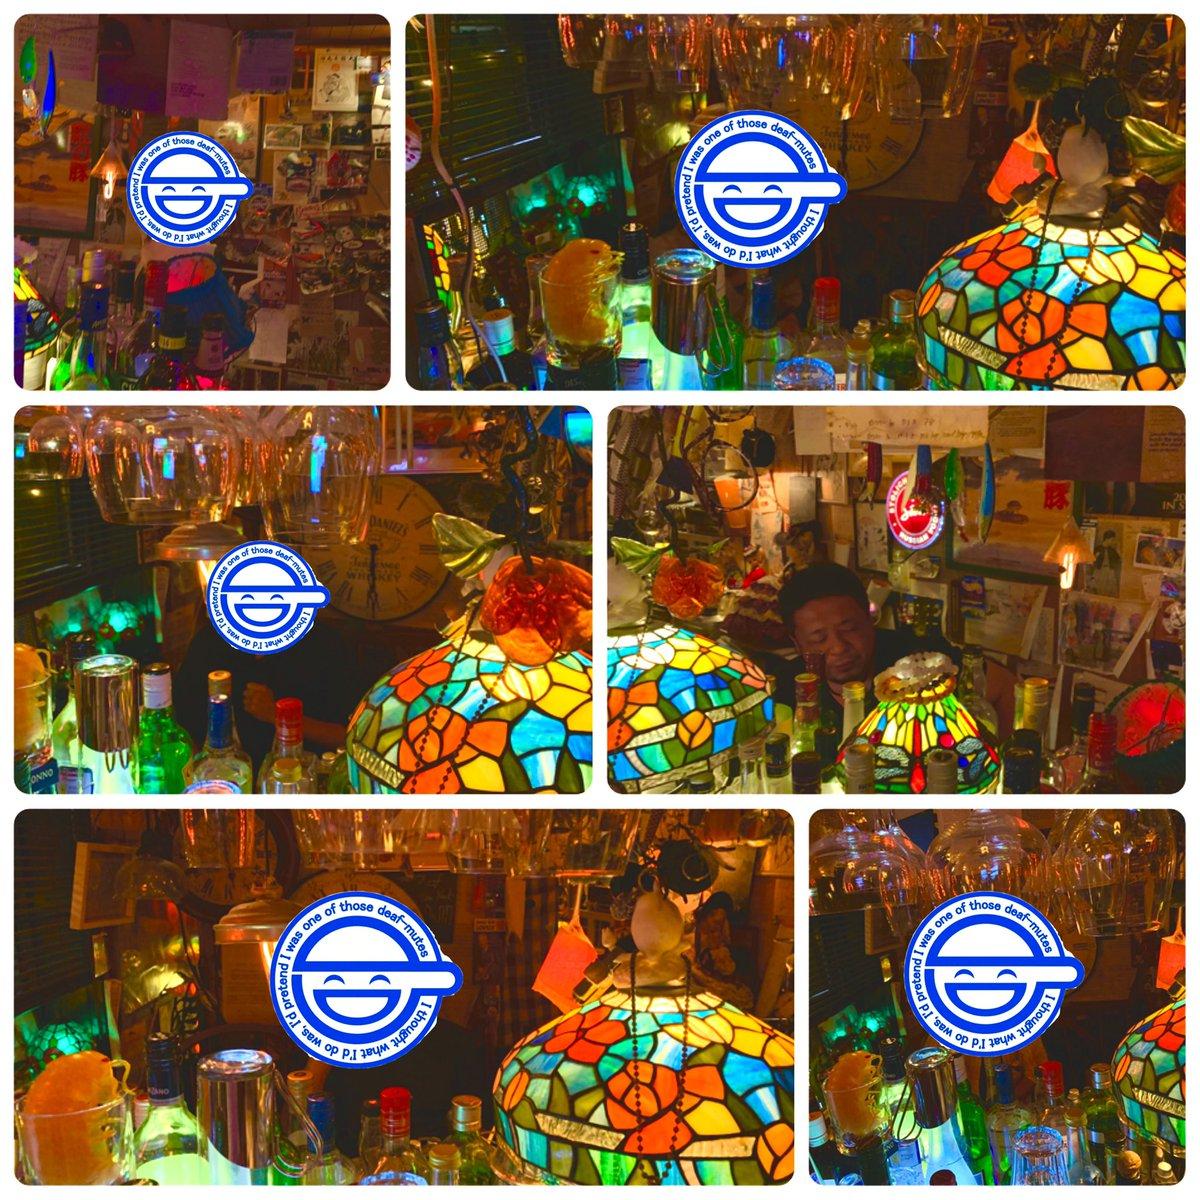 皆さんは日によって人それぞな気持ちでバーに来られております、心や気持ちのソーシャルディスタンスもお願い致します♫  #津島市 #青塚駅 #ジャズ喫茶 #ジャズバー #cafe #bar #カフェ#純喫茶 #JAZZ #jazzcafe #jazzbar #ジブリパーク #デザイナー #designer #お酒 #ファッション #fashion #焼酎 #酒 https://t.co/Cf5BBjEGDZ